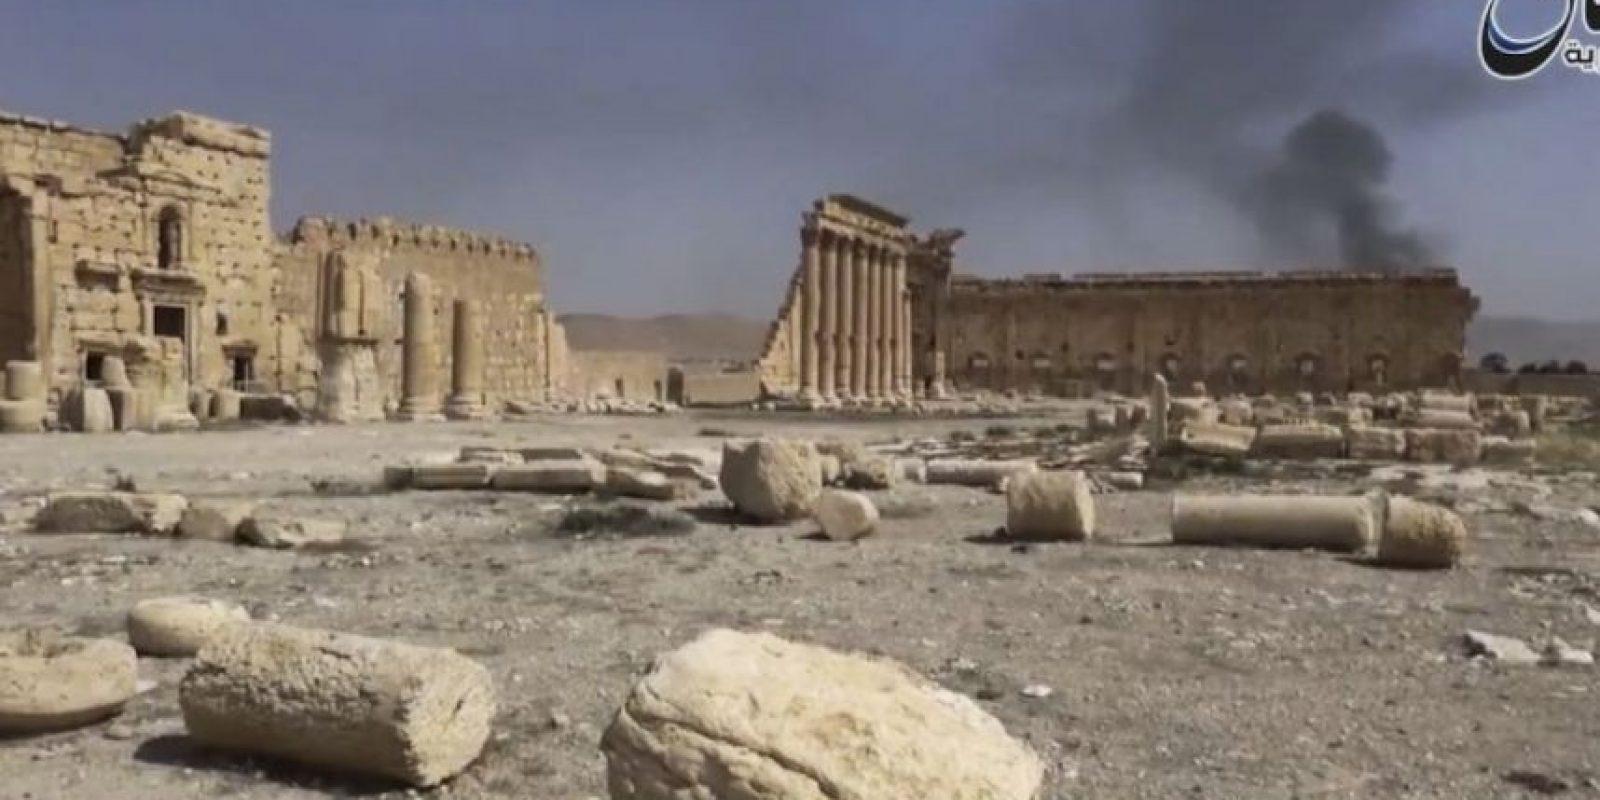 El grupo terrorista ha causado la destrucción de distintas figuras históricas en Palmira. Foto:AP